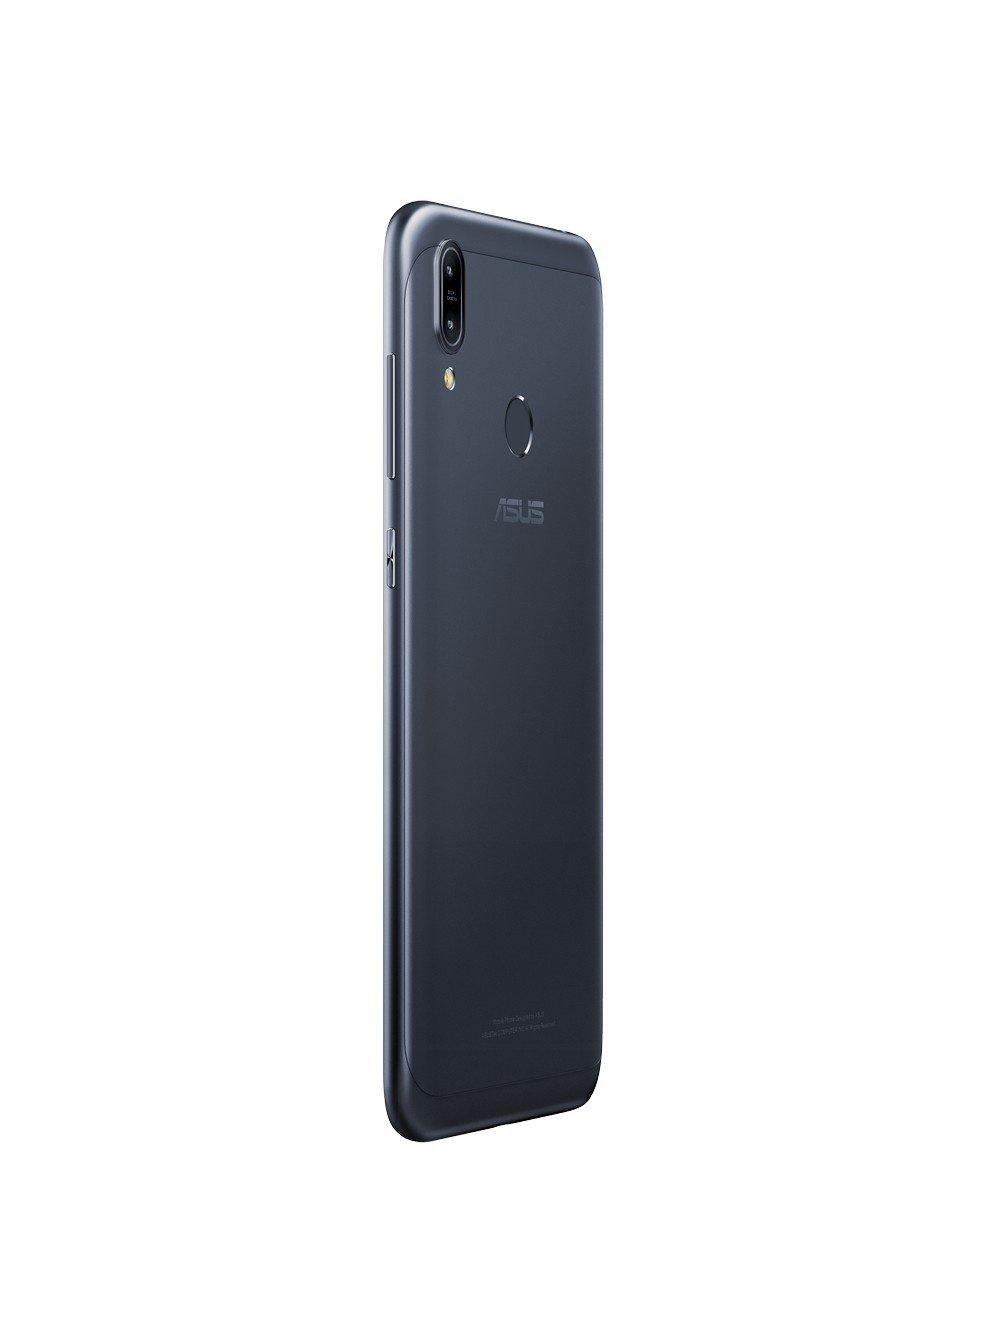 Смартфон Asus ZenFone Max (M2) 4/32G (ZB633KL-4A070EU) Black фото 10